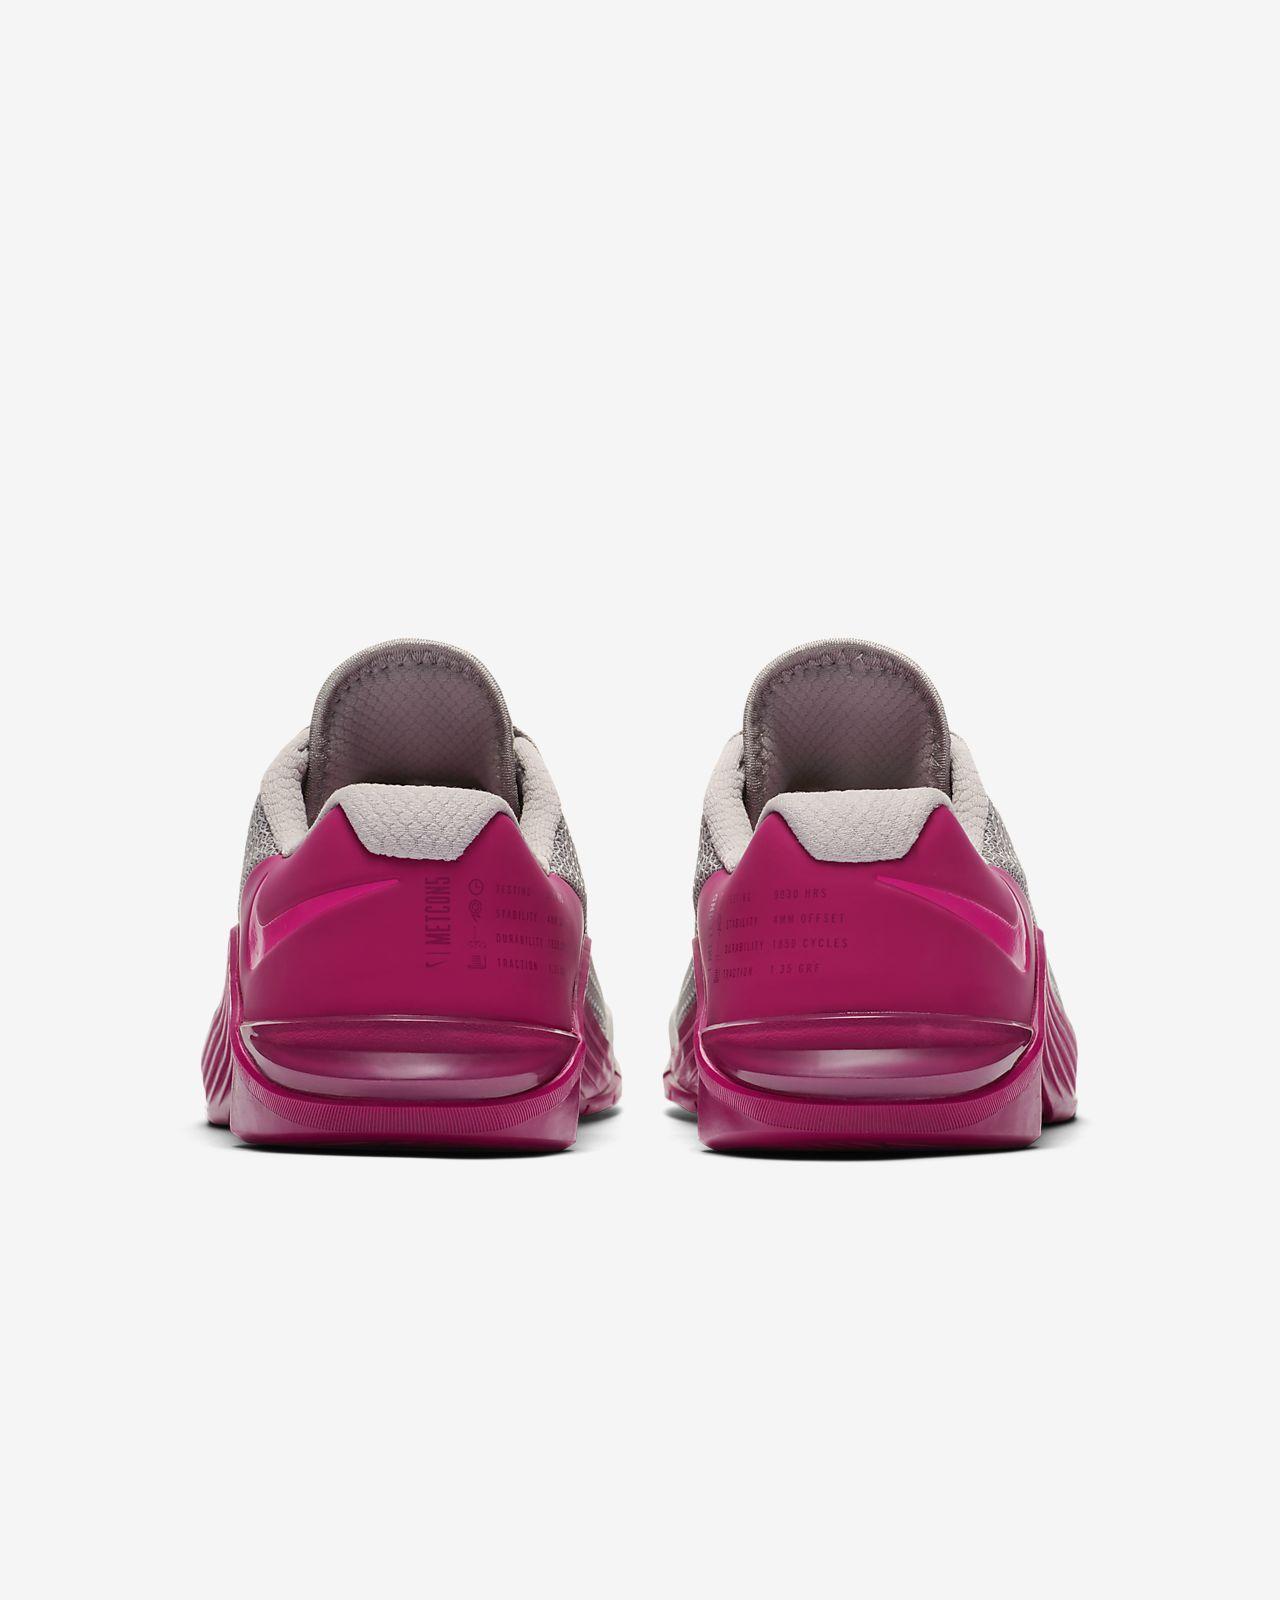 Nike Air Max 1 Dynamic Berry